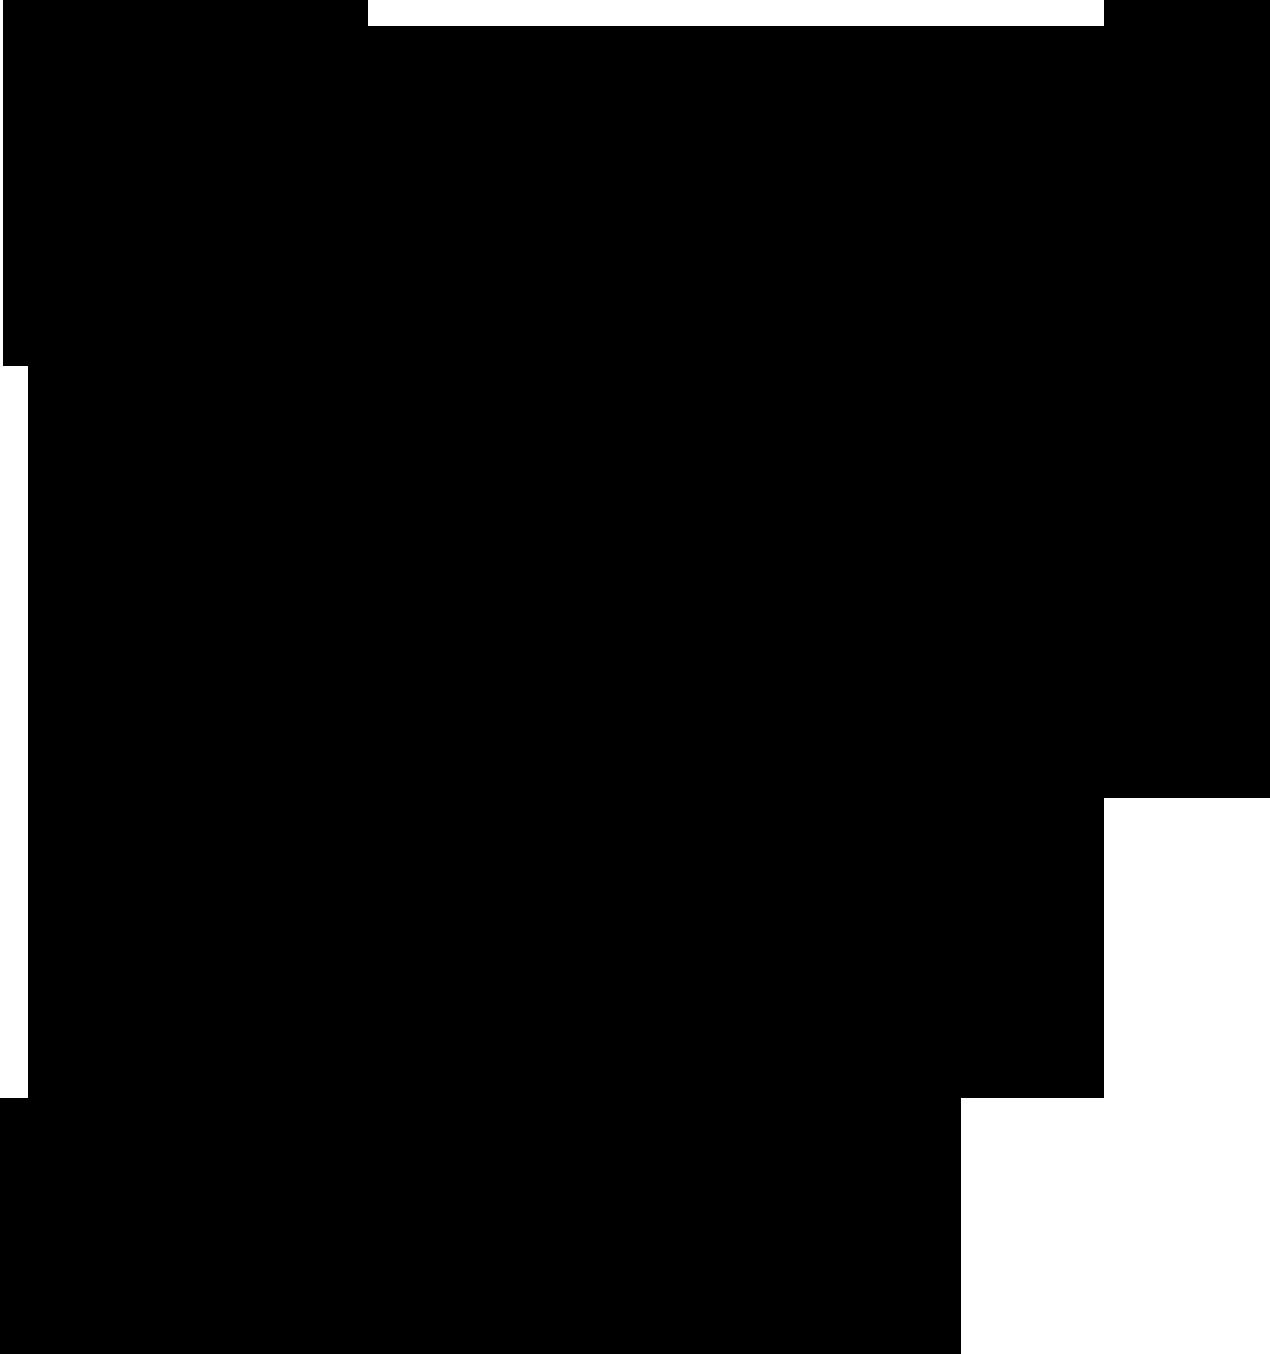 envelop-zoom